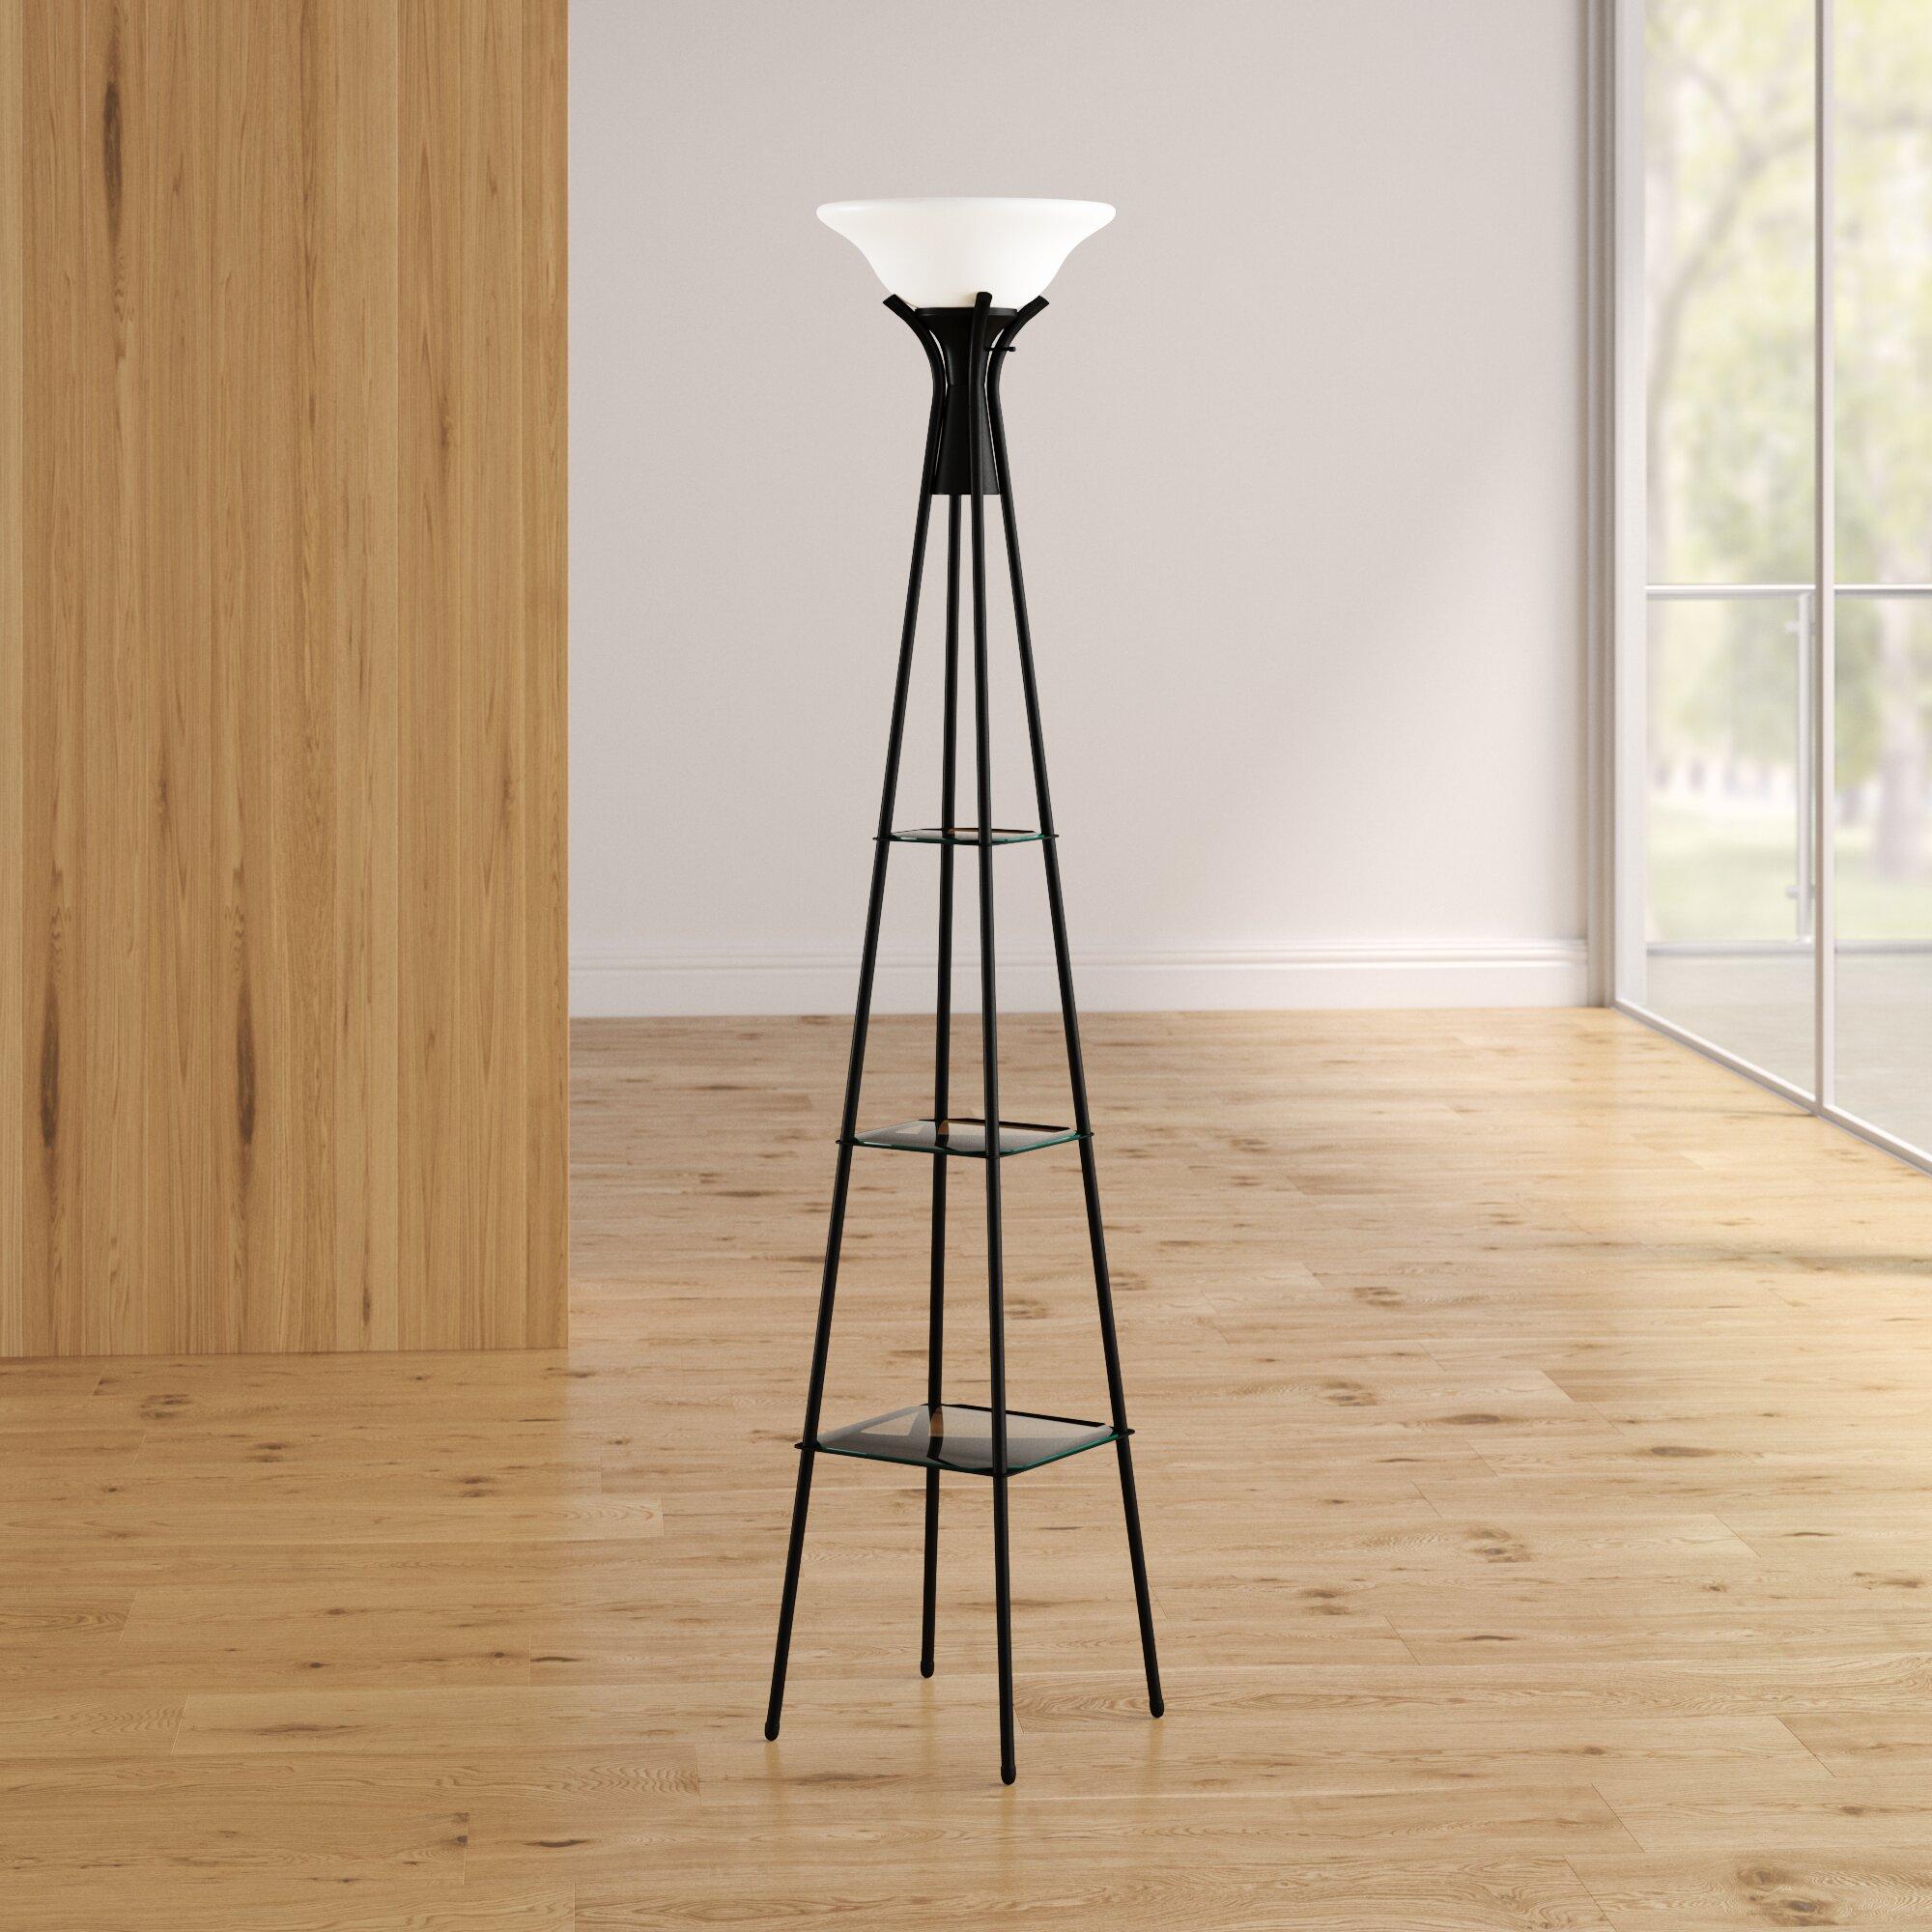 Ivy Bronx Benton Incandescent 70 Torchiere Floor Lamp Reviews Wayfair